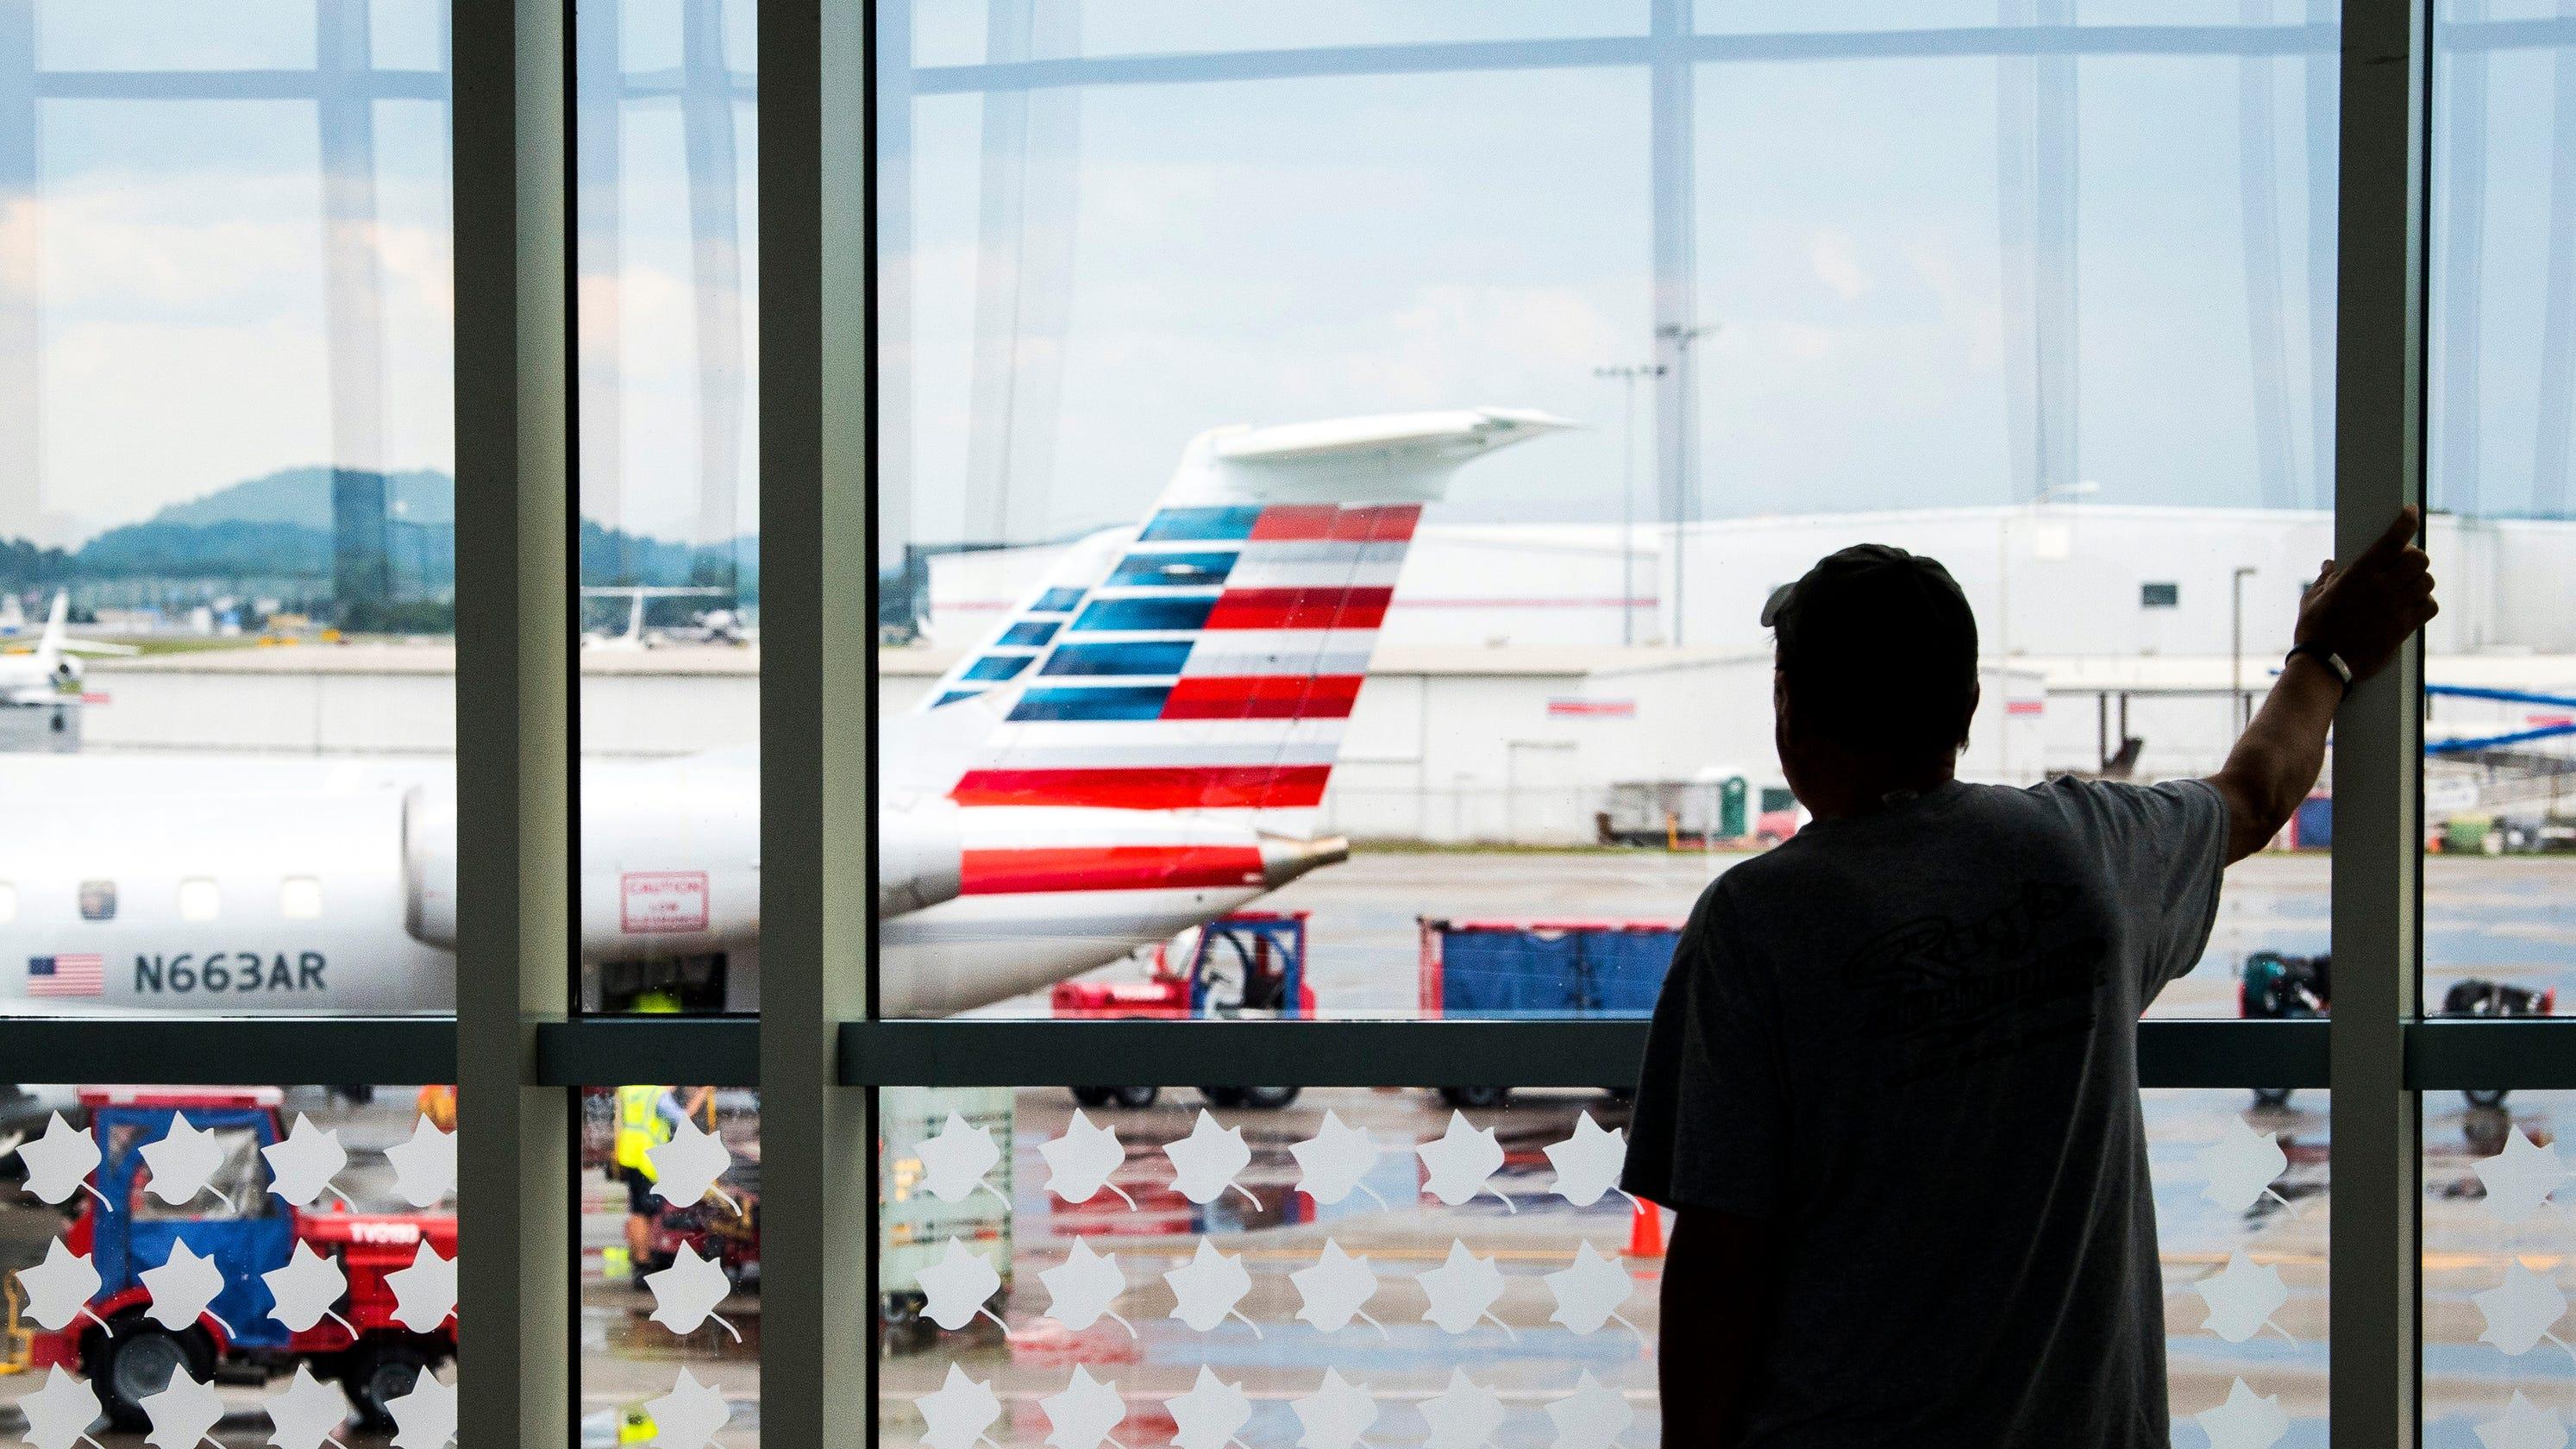 دراسة: المطارات الأكثر كلفة للركاب في الولايات المتحدة